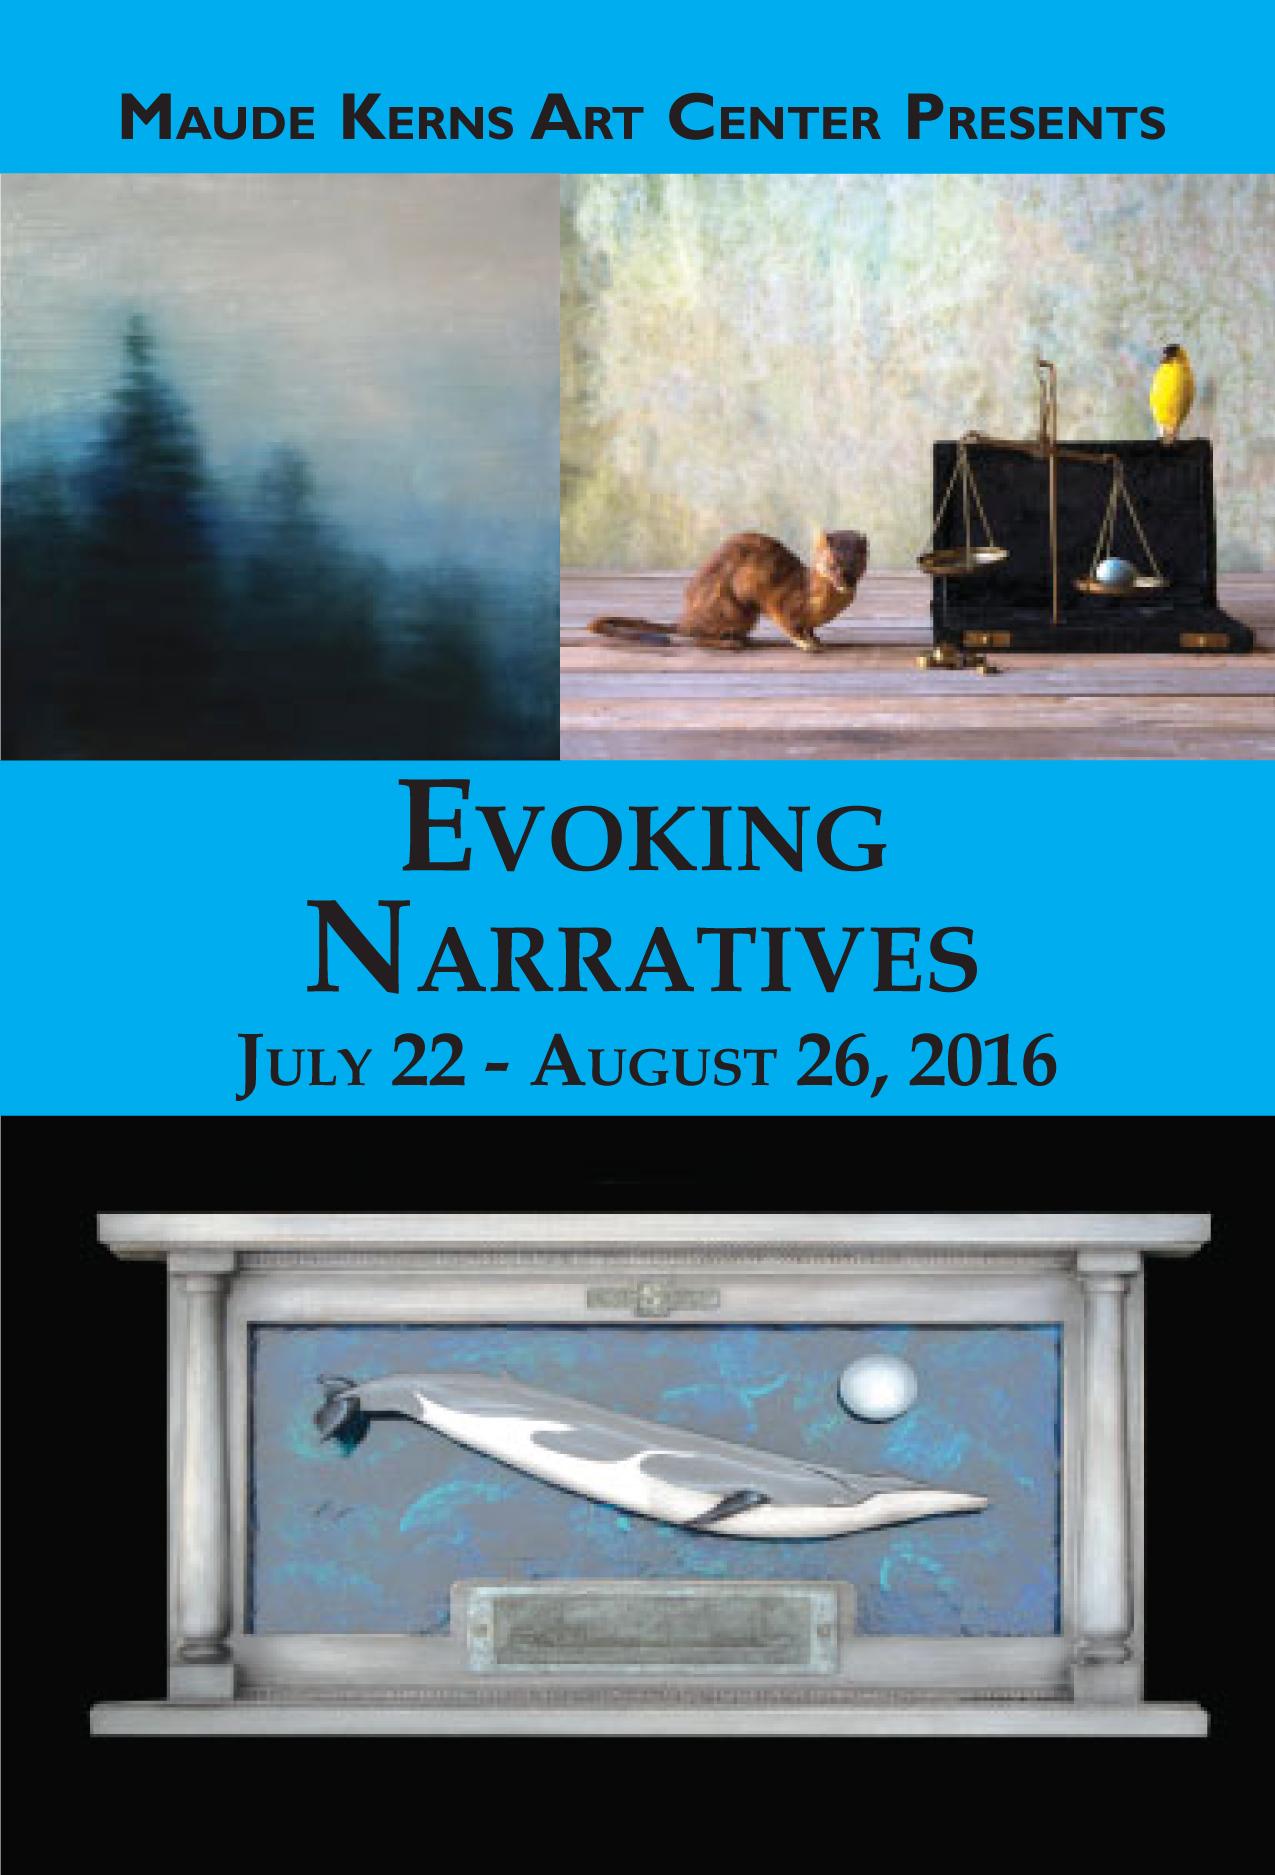 Evoking Narratives